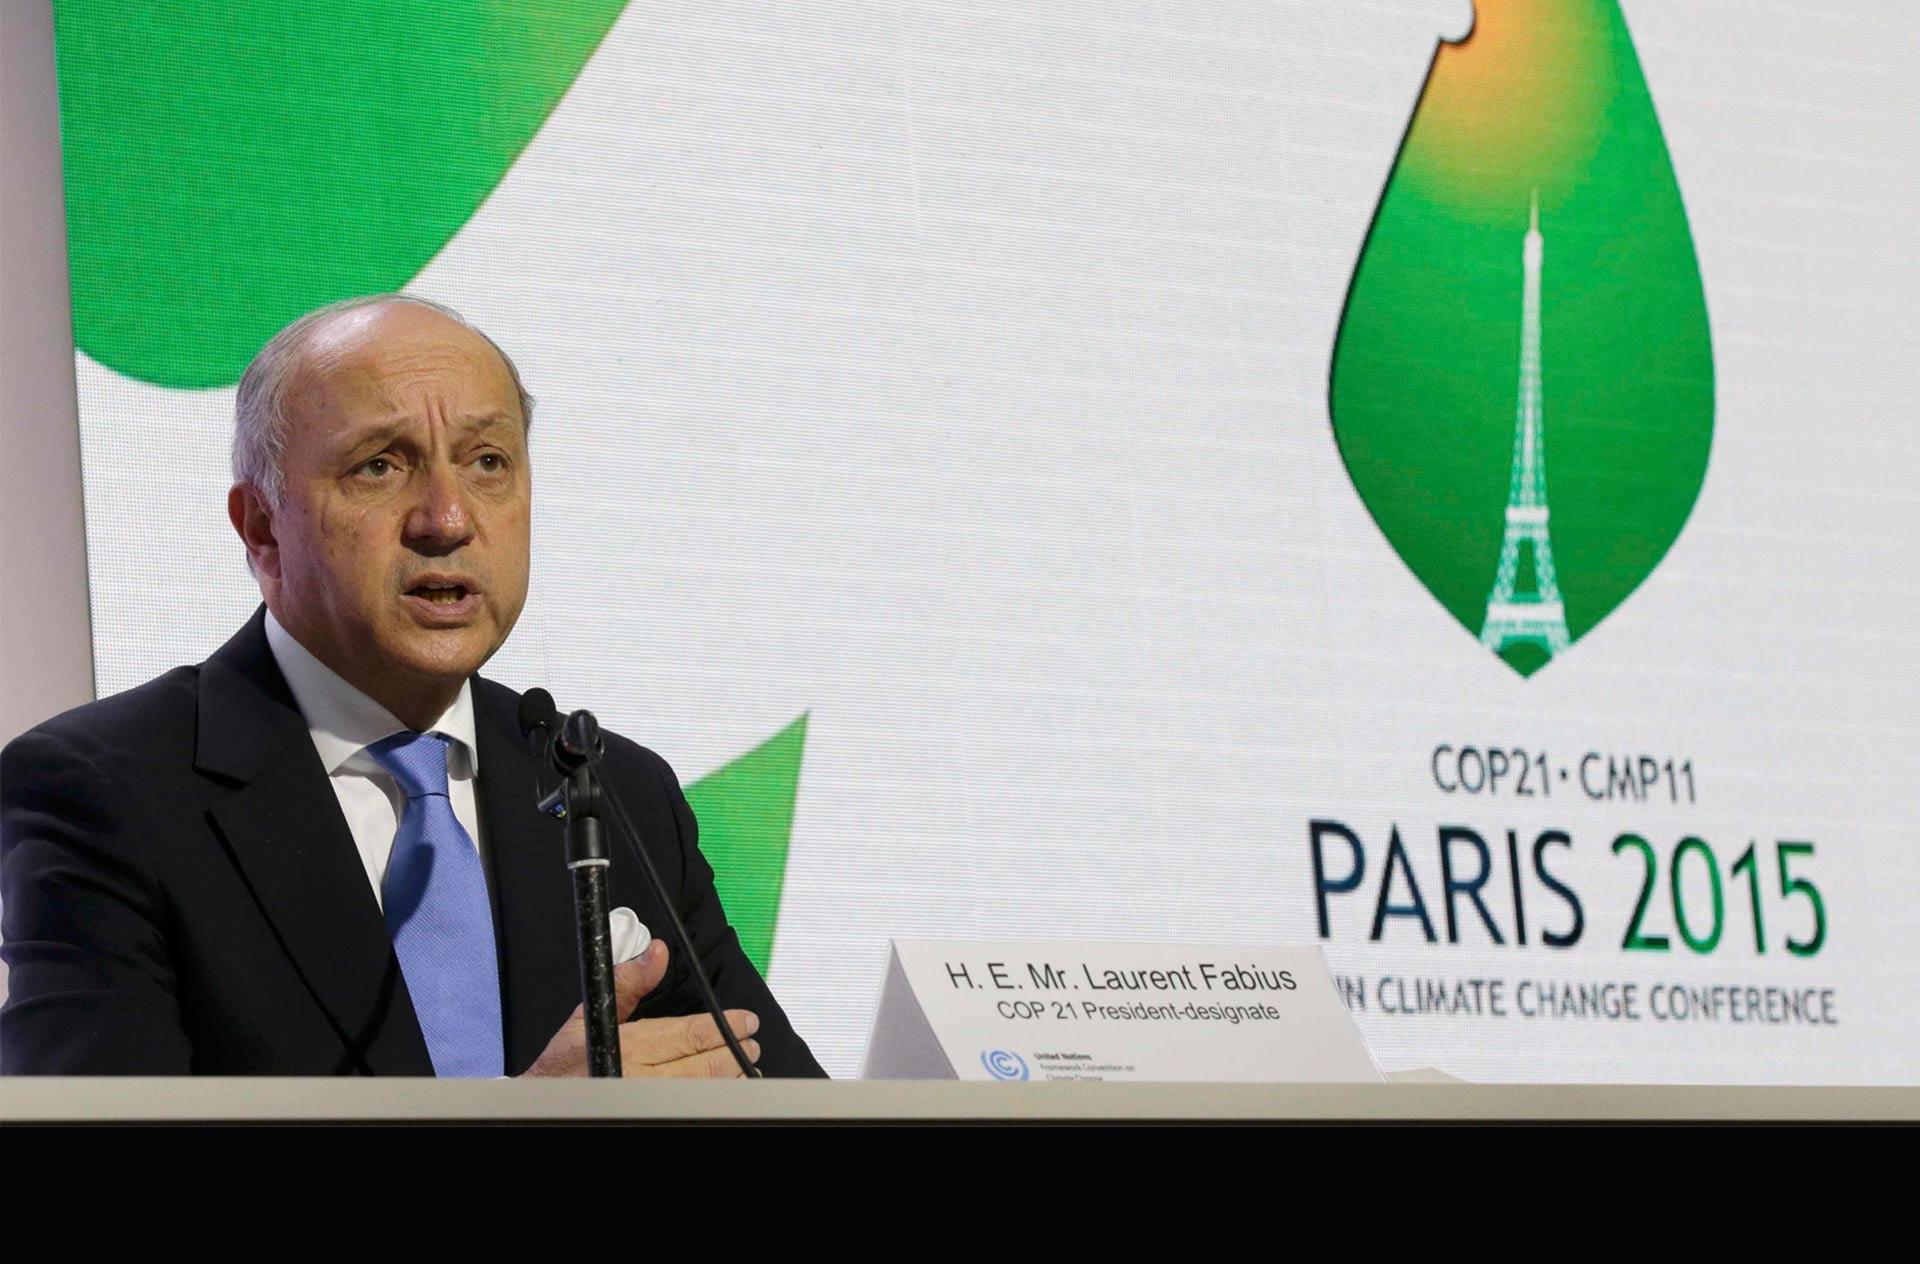 Francia no imagina coalición militar con las fuerzas sirias en la lucha contra EI, mientras al Assad continúe en el gobierno